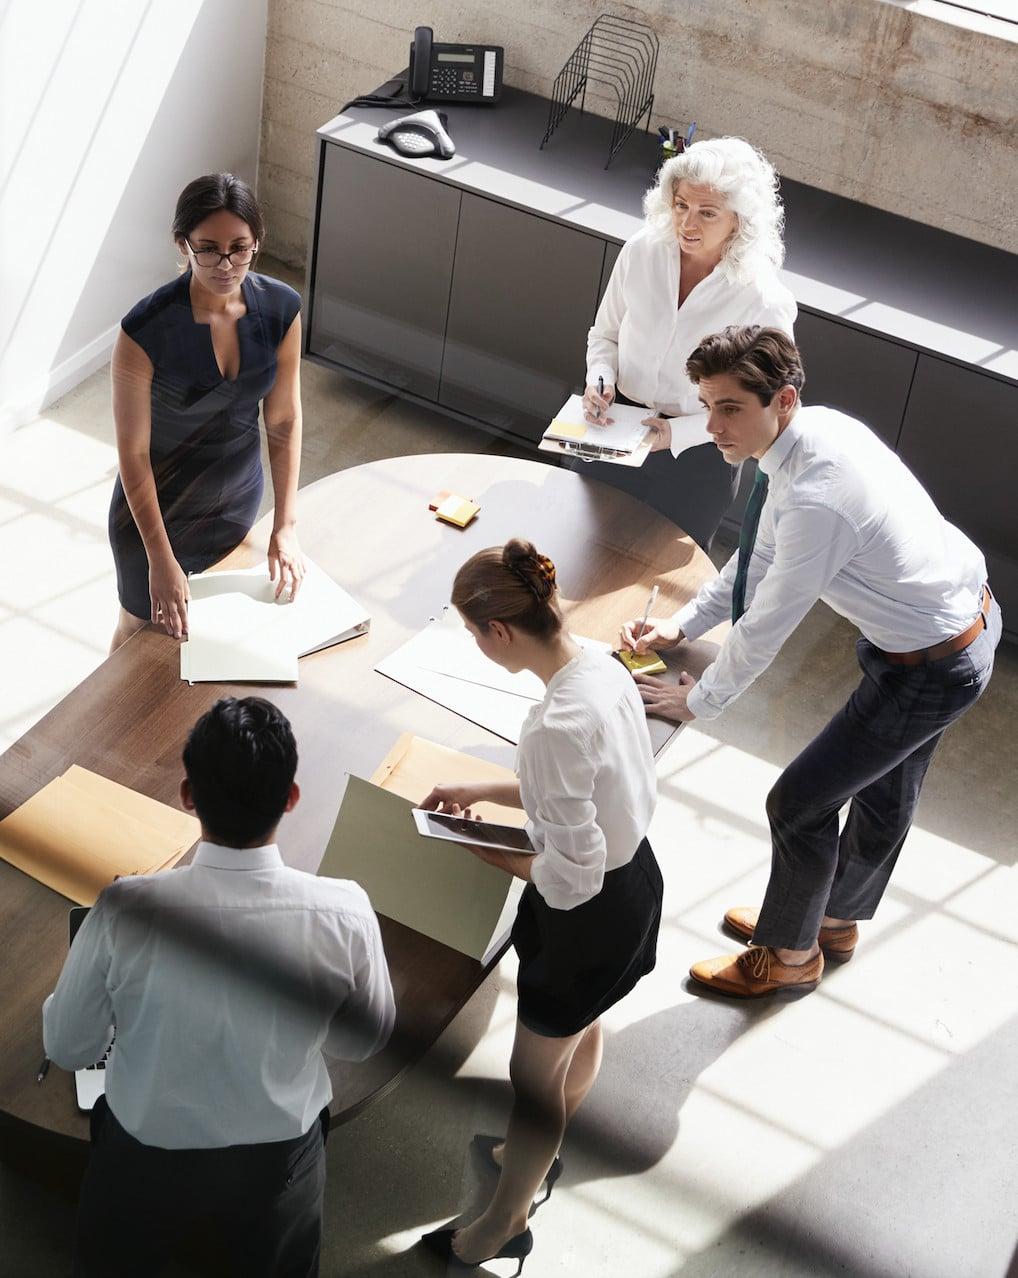 Cloud Collaboration Services